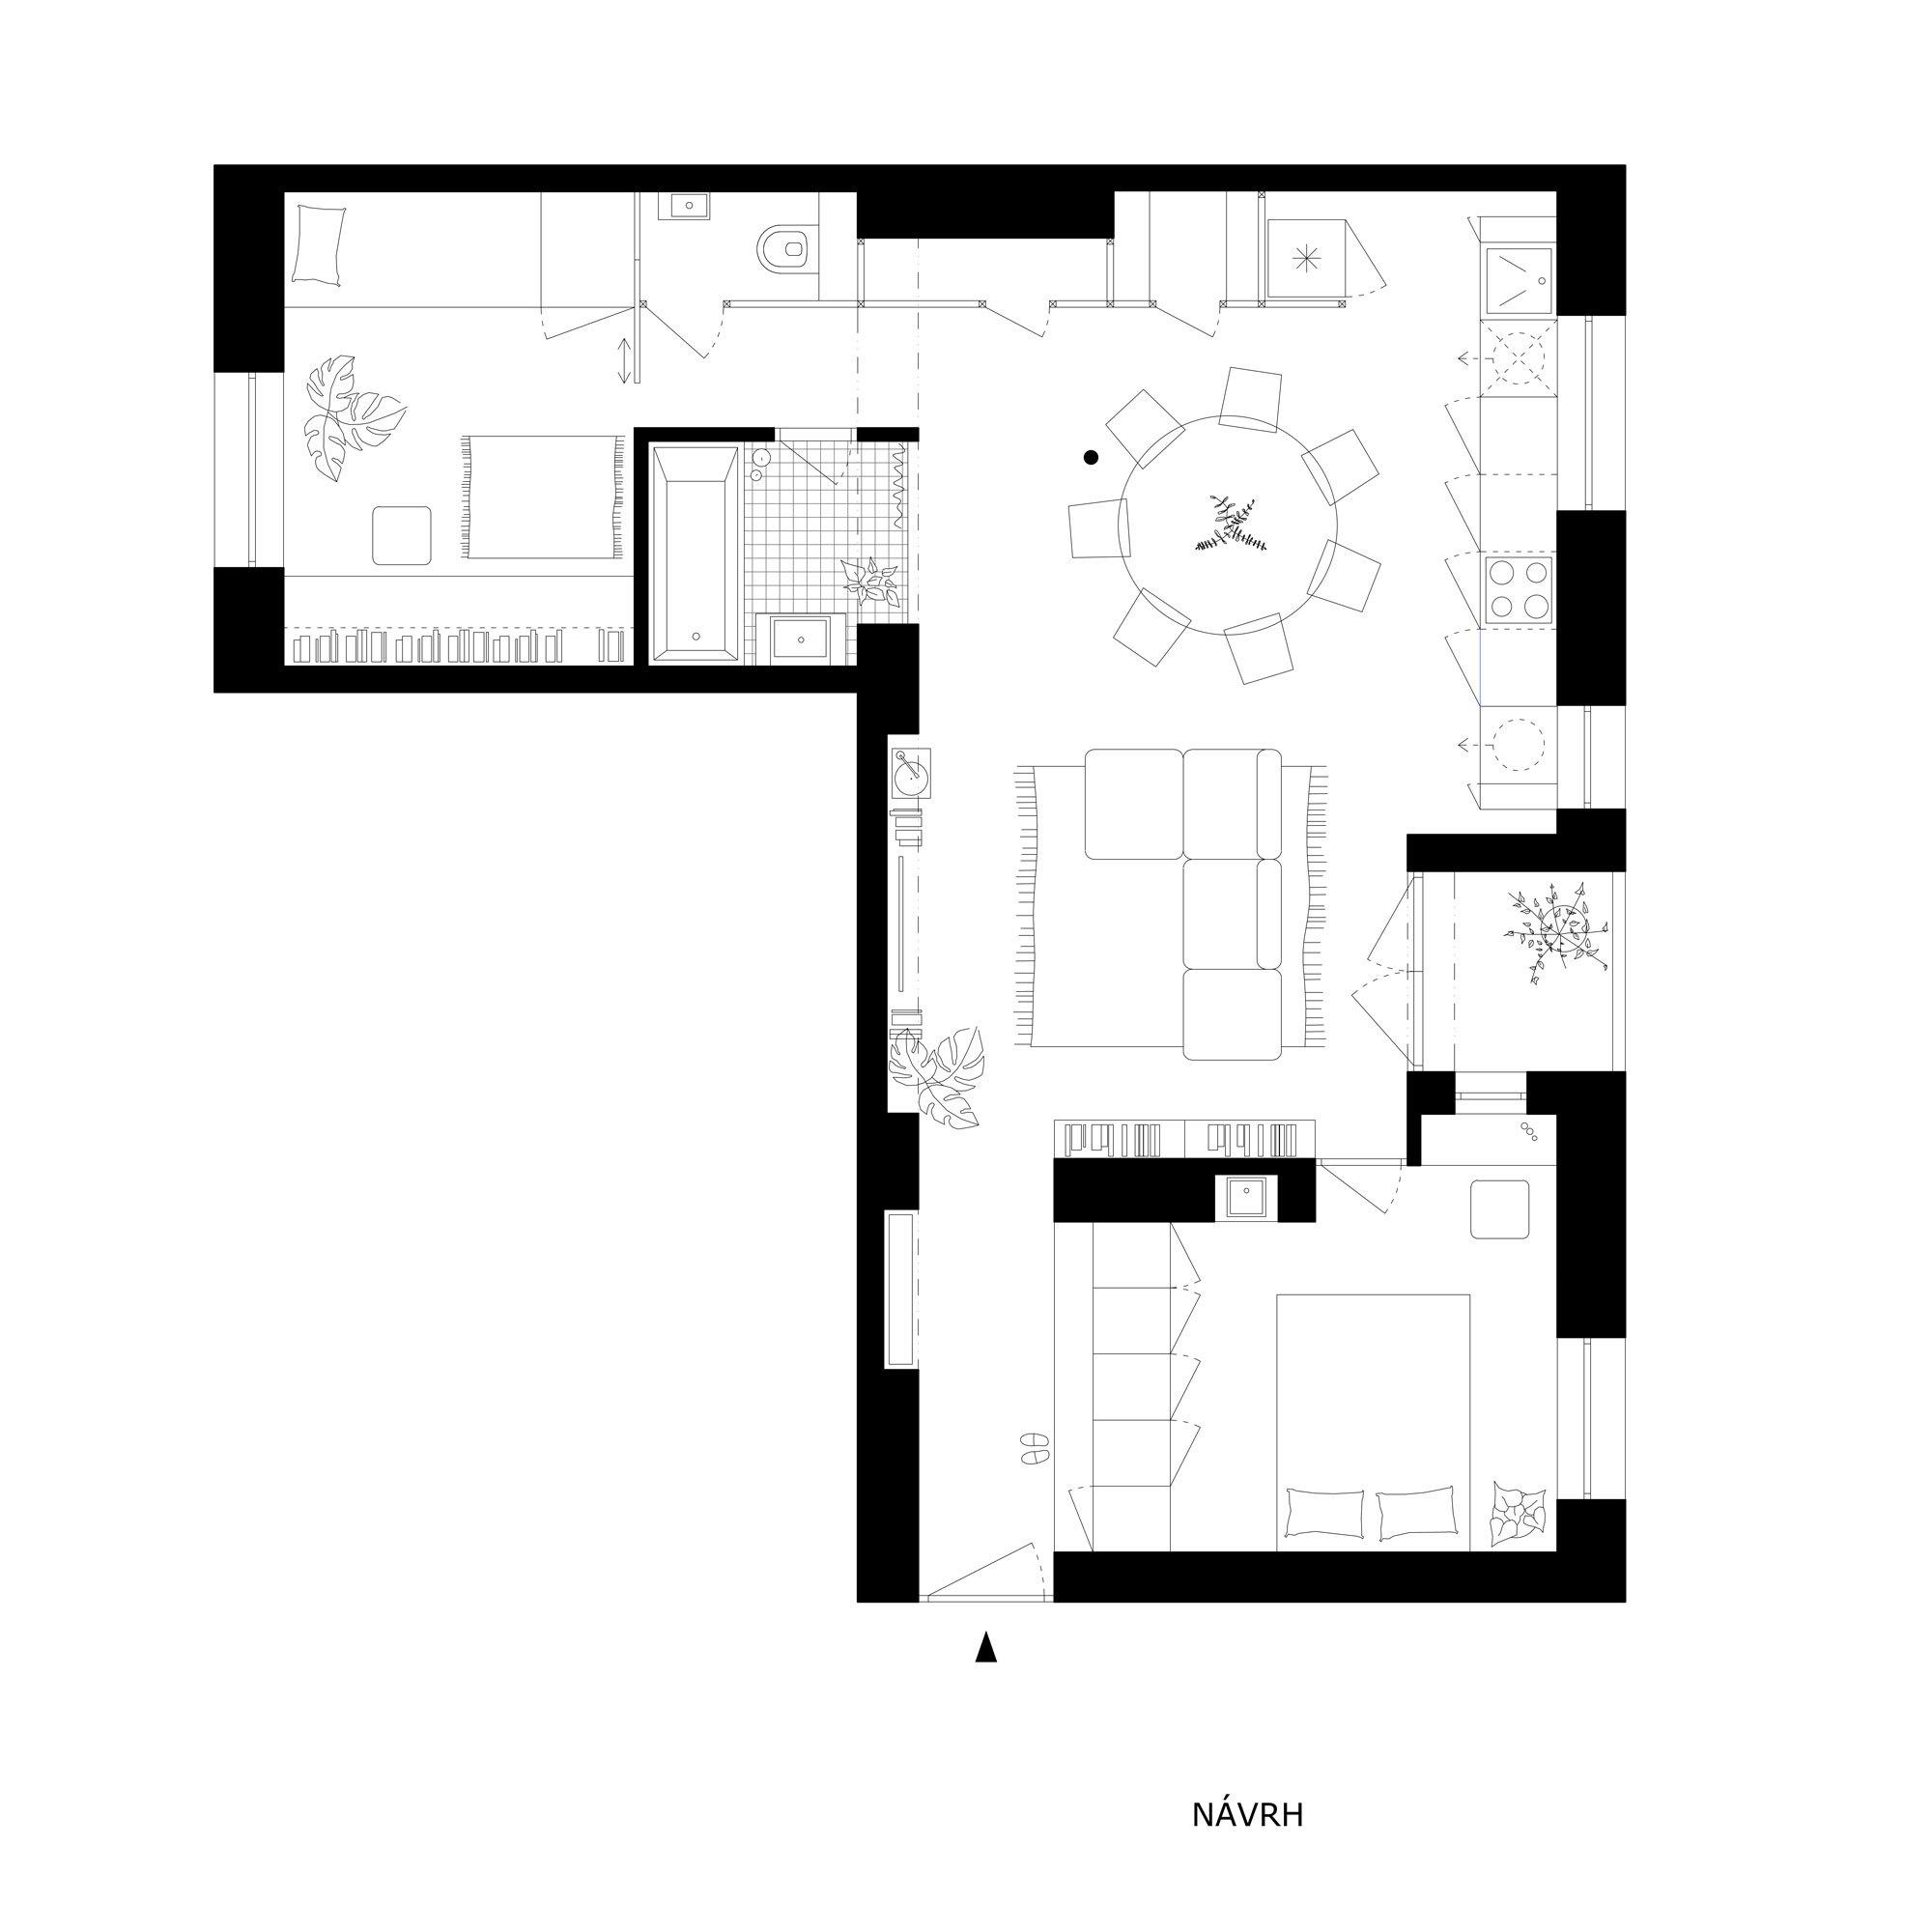 Die Architekten von Kilo Honč haben das Apartment in ein familientaugliches Loft verwandelt.